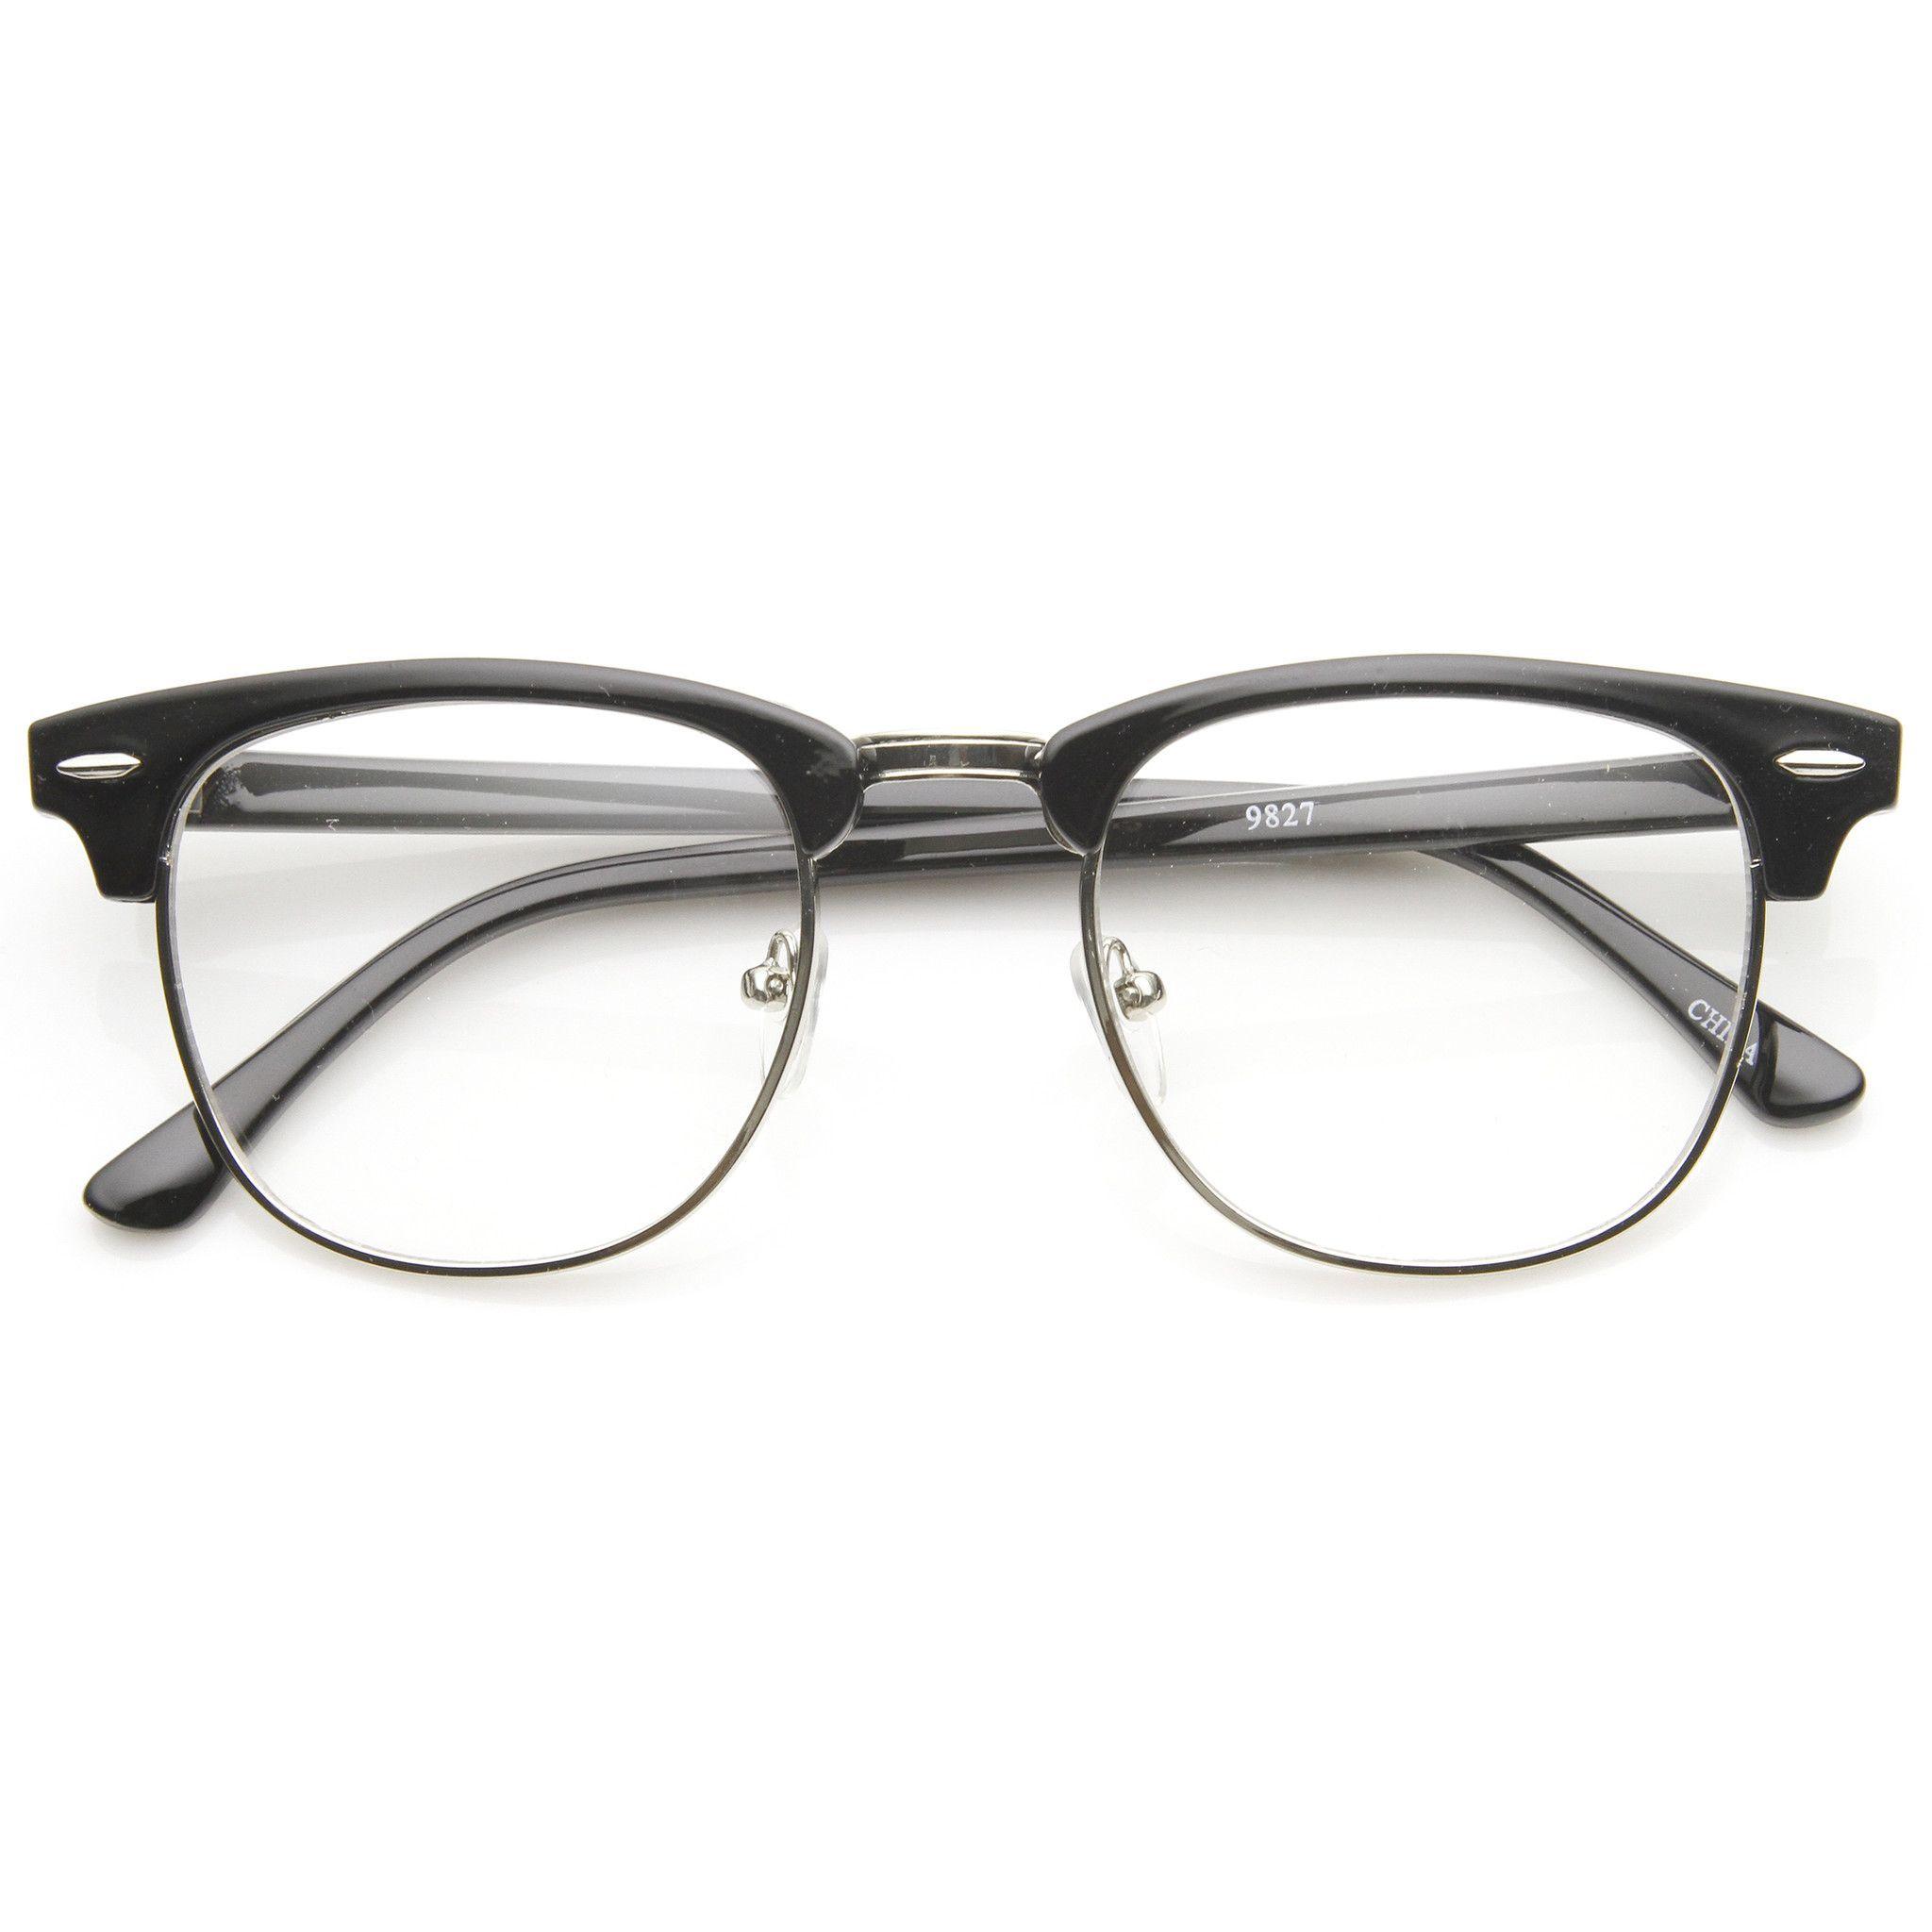 Mens Matte Black Eyewear Silver Half Frame Vintage Retro Clear Lens Glasses